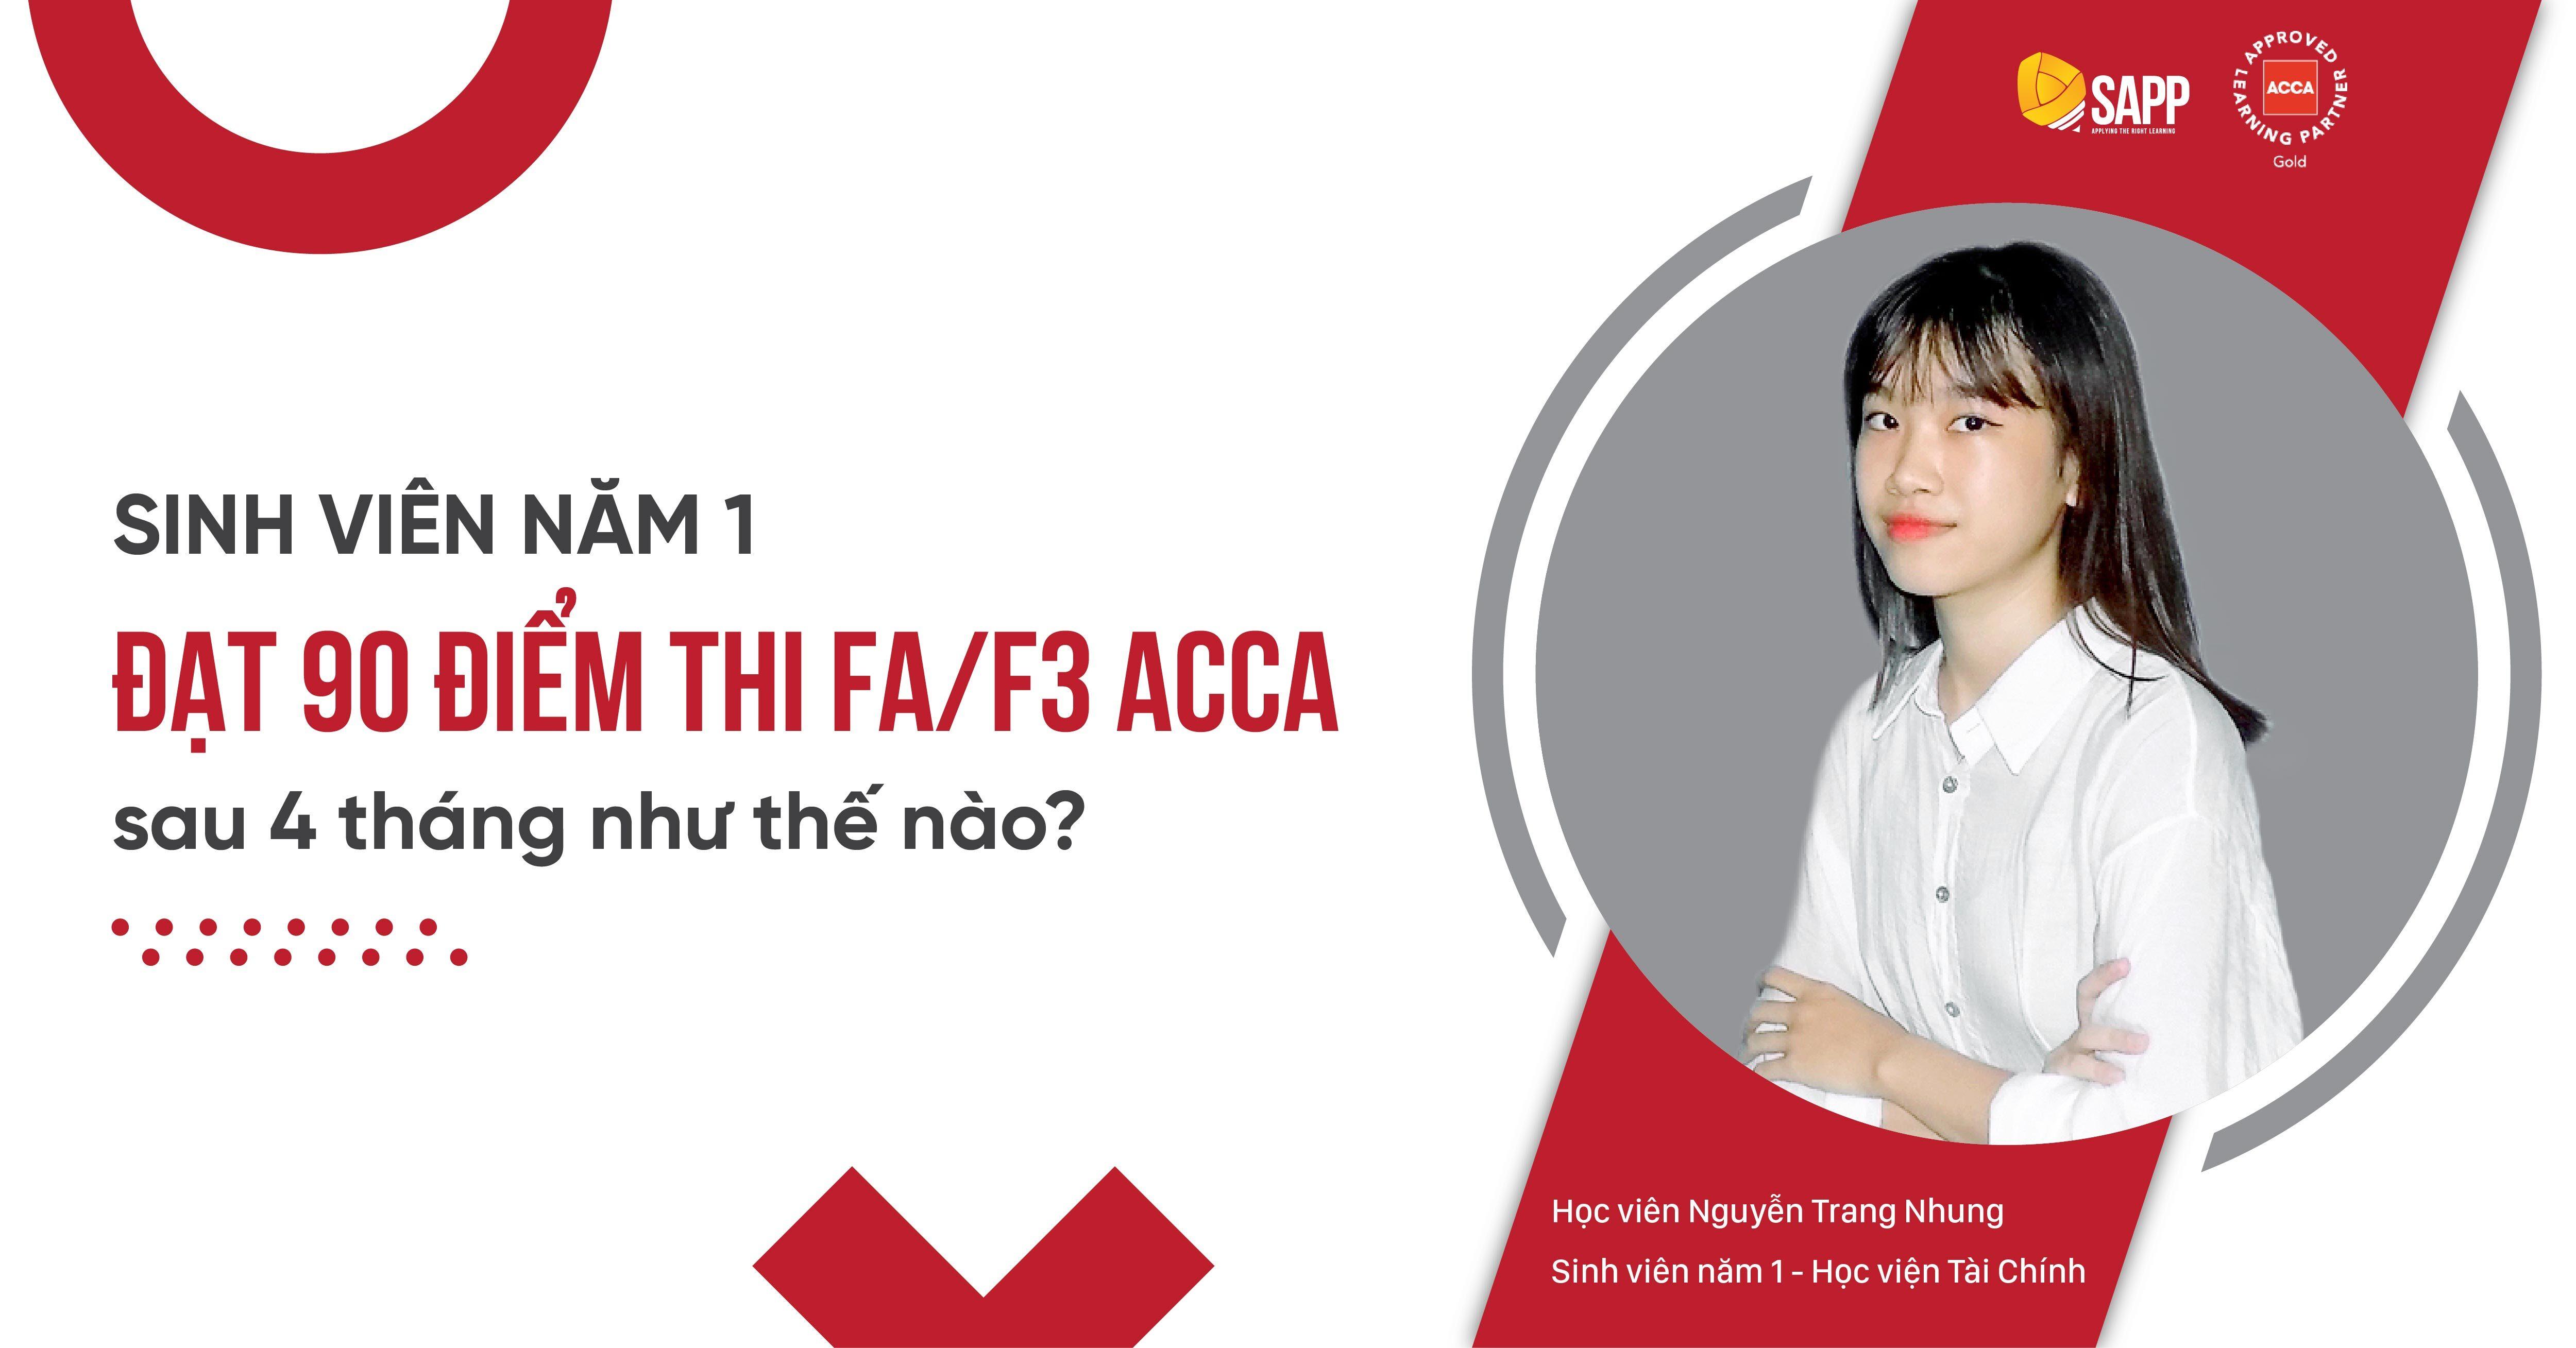 Sinh viên năm 1 đạt 90 điểm thi FA/F3 ACCA sau 4 tháng như thế nào